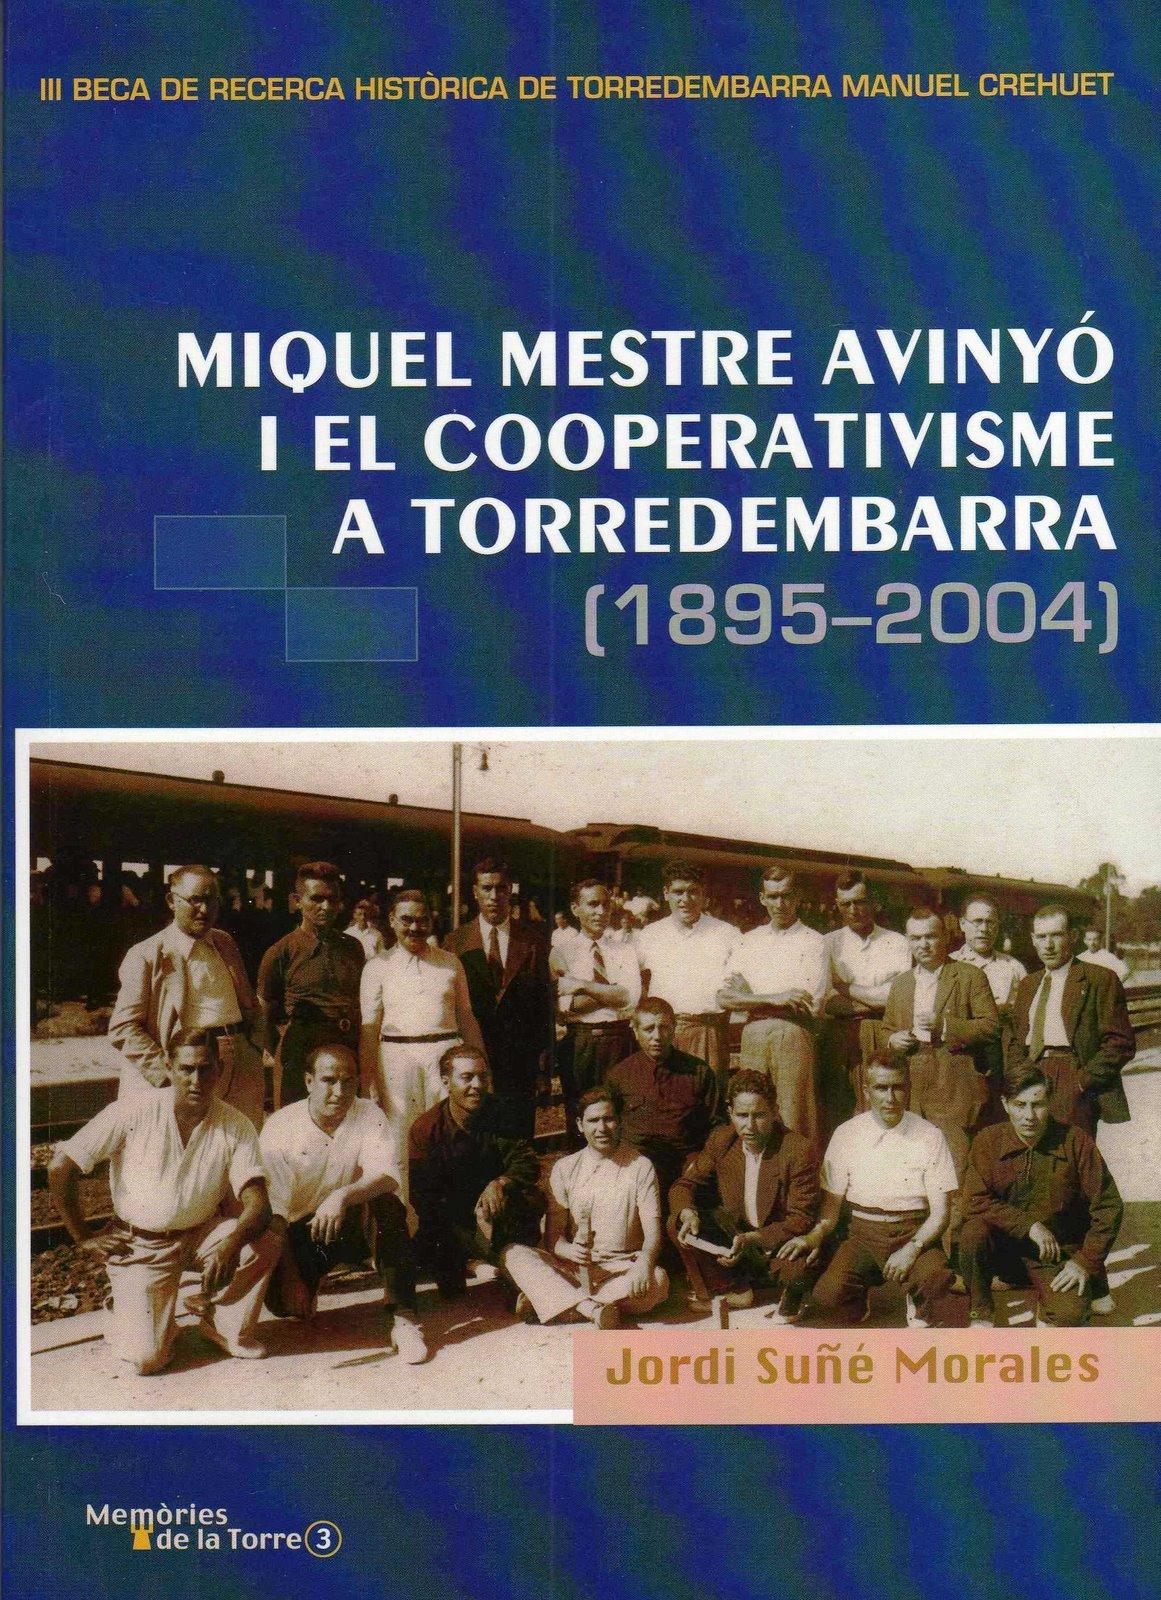 MIQUEL MESTRE AVINYÓ I EL COOPERATIVISME A TORREDEMBARRA